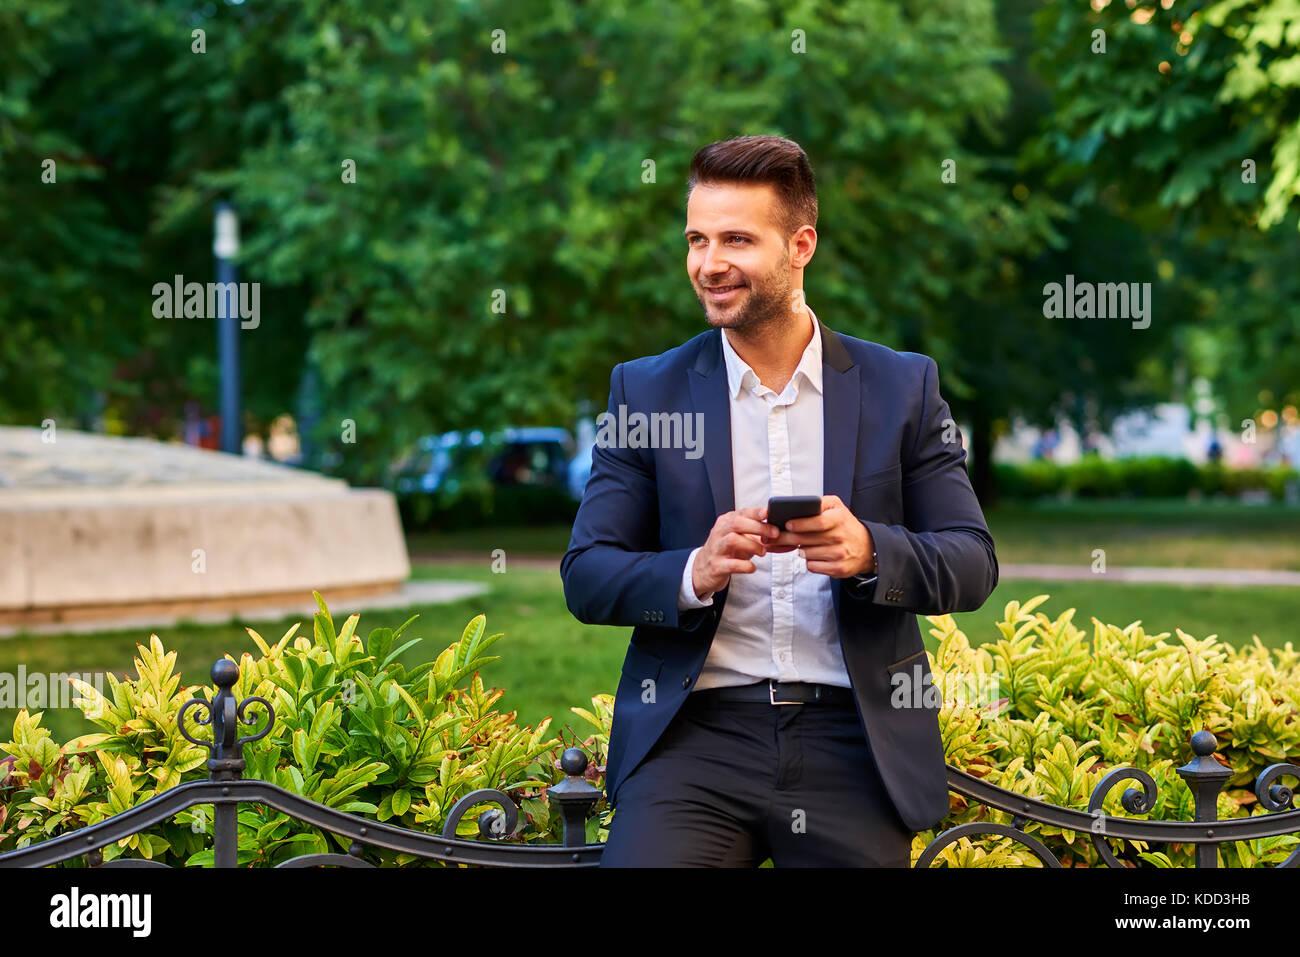 Ein schöner junger Geschäftsmann, der sich in einem Park gegen den Zaun lehnt und dabei sein Smartphone hält Stockfoto